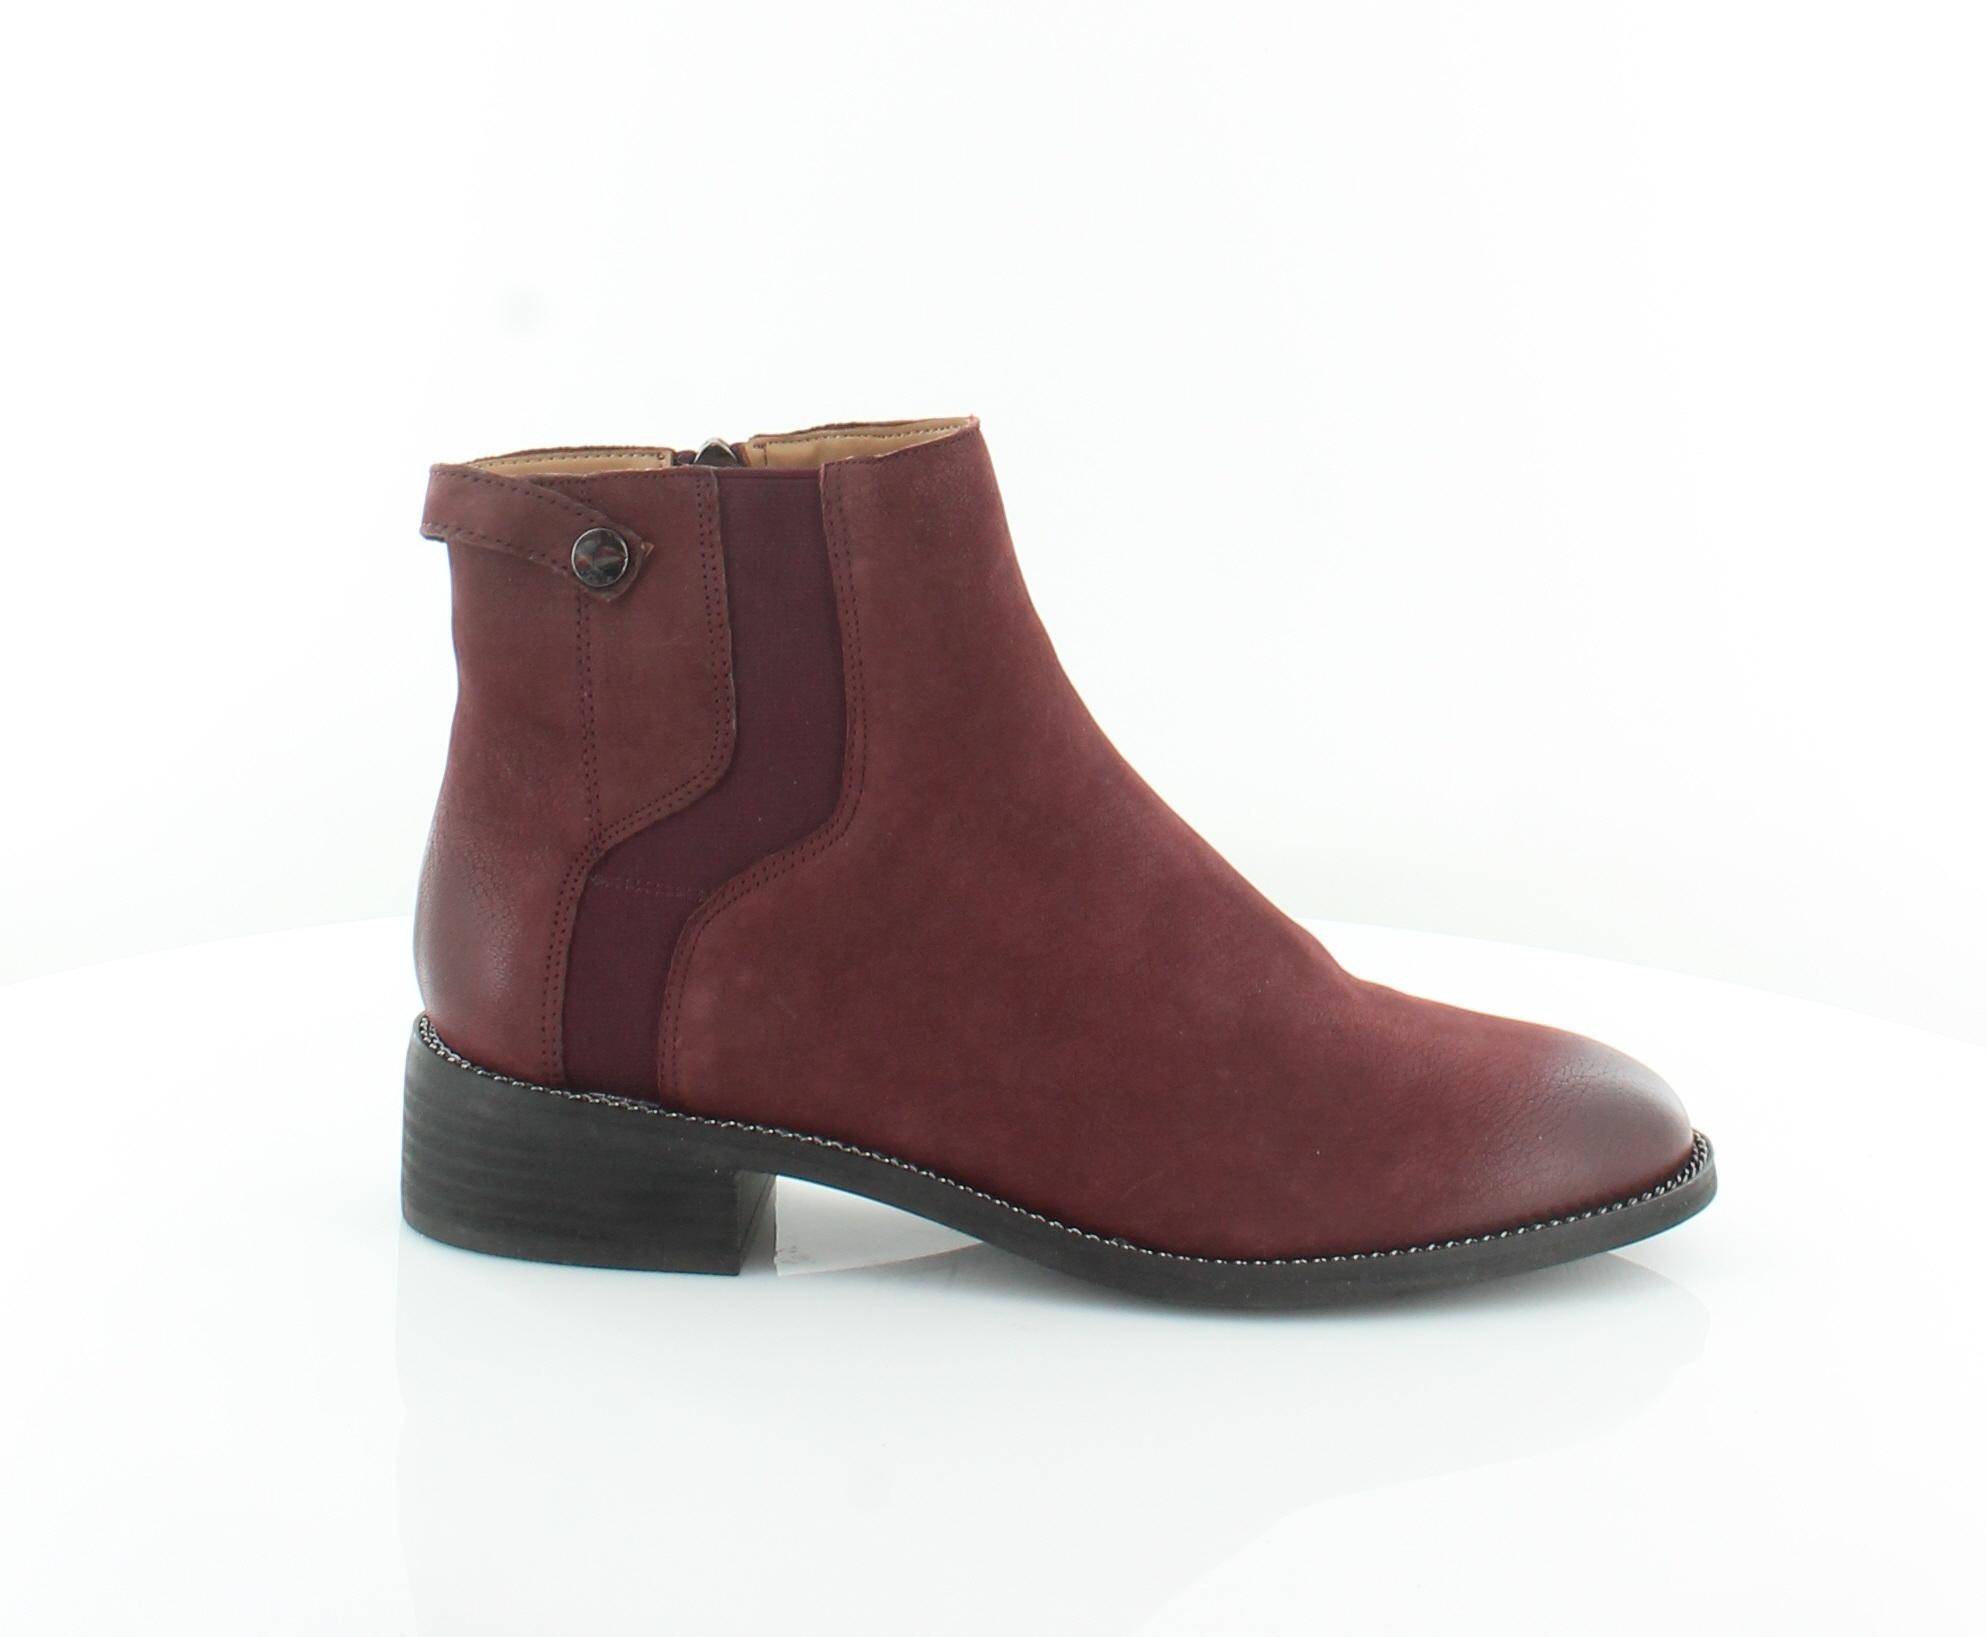 Franco Sarto nuevo Brandy Rojo Mujer Zapatos botas Tamaño 9 M MSRP